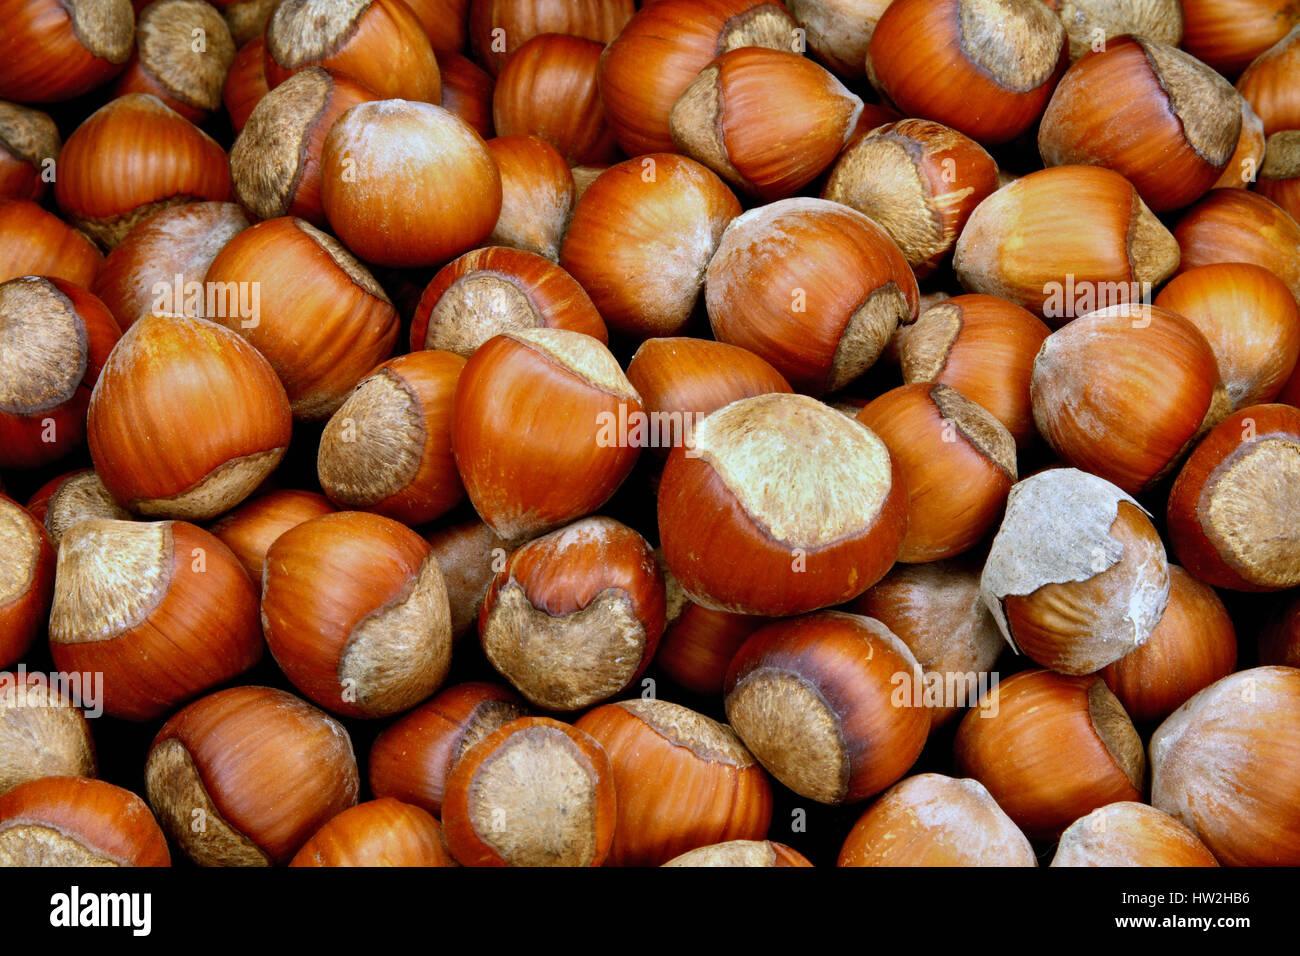 Les écrous de bois-utile une délicatesse et un produit savoureux Photo Stock